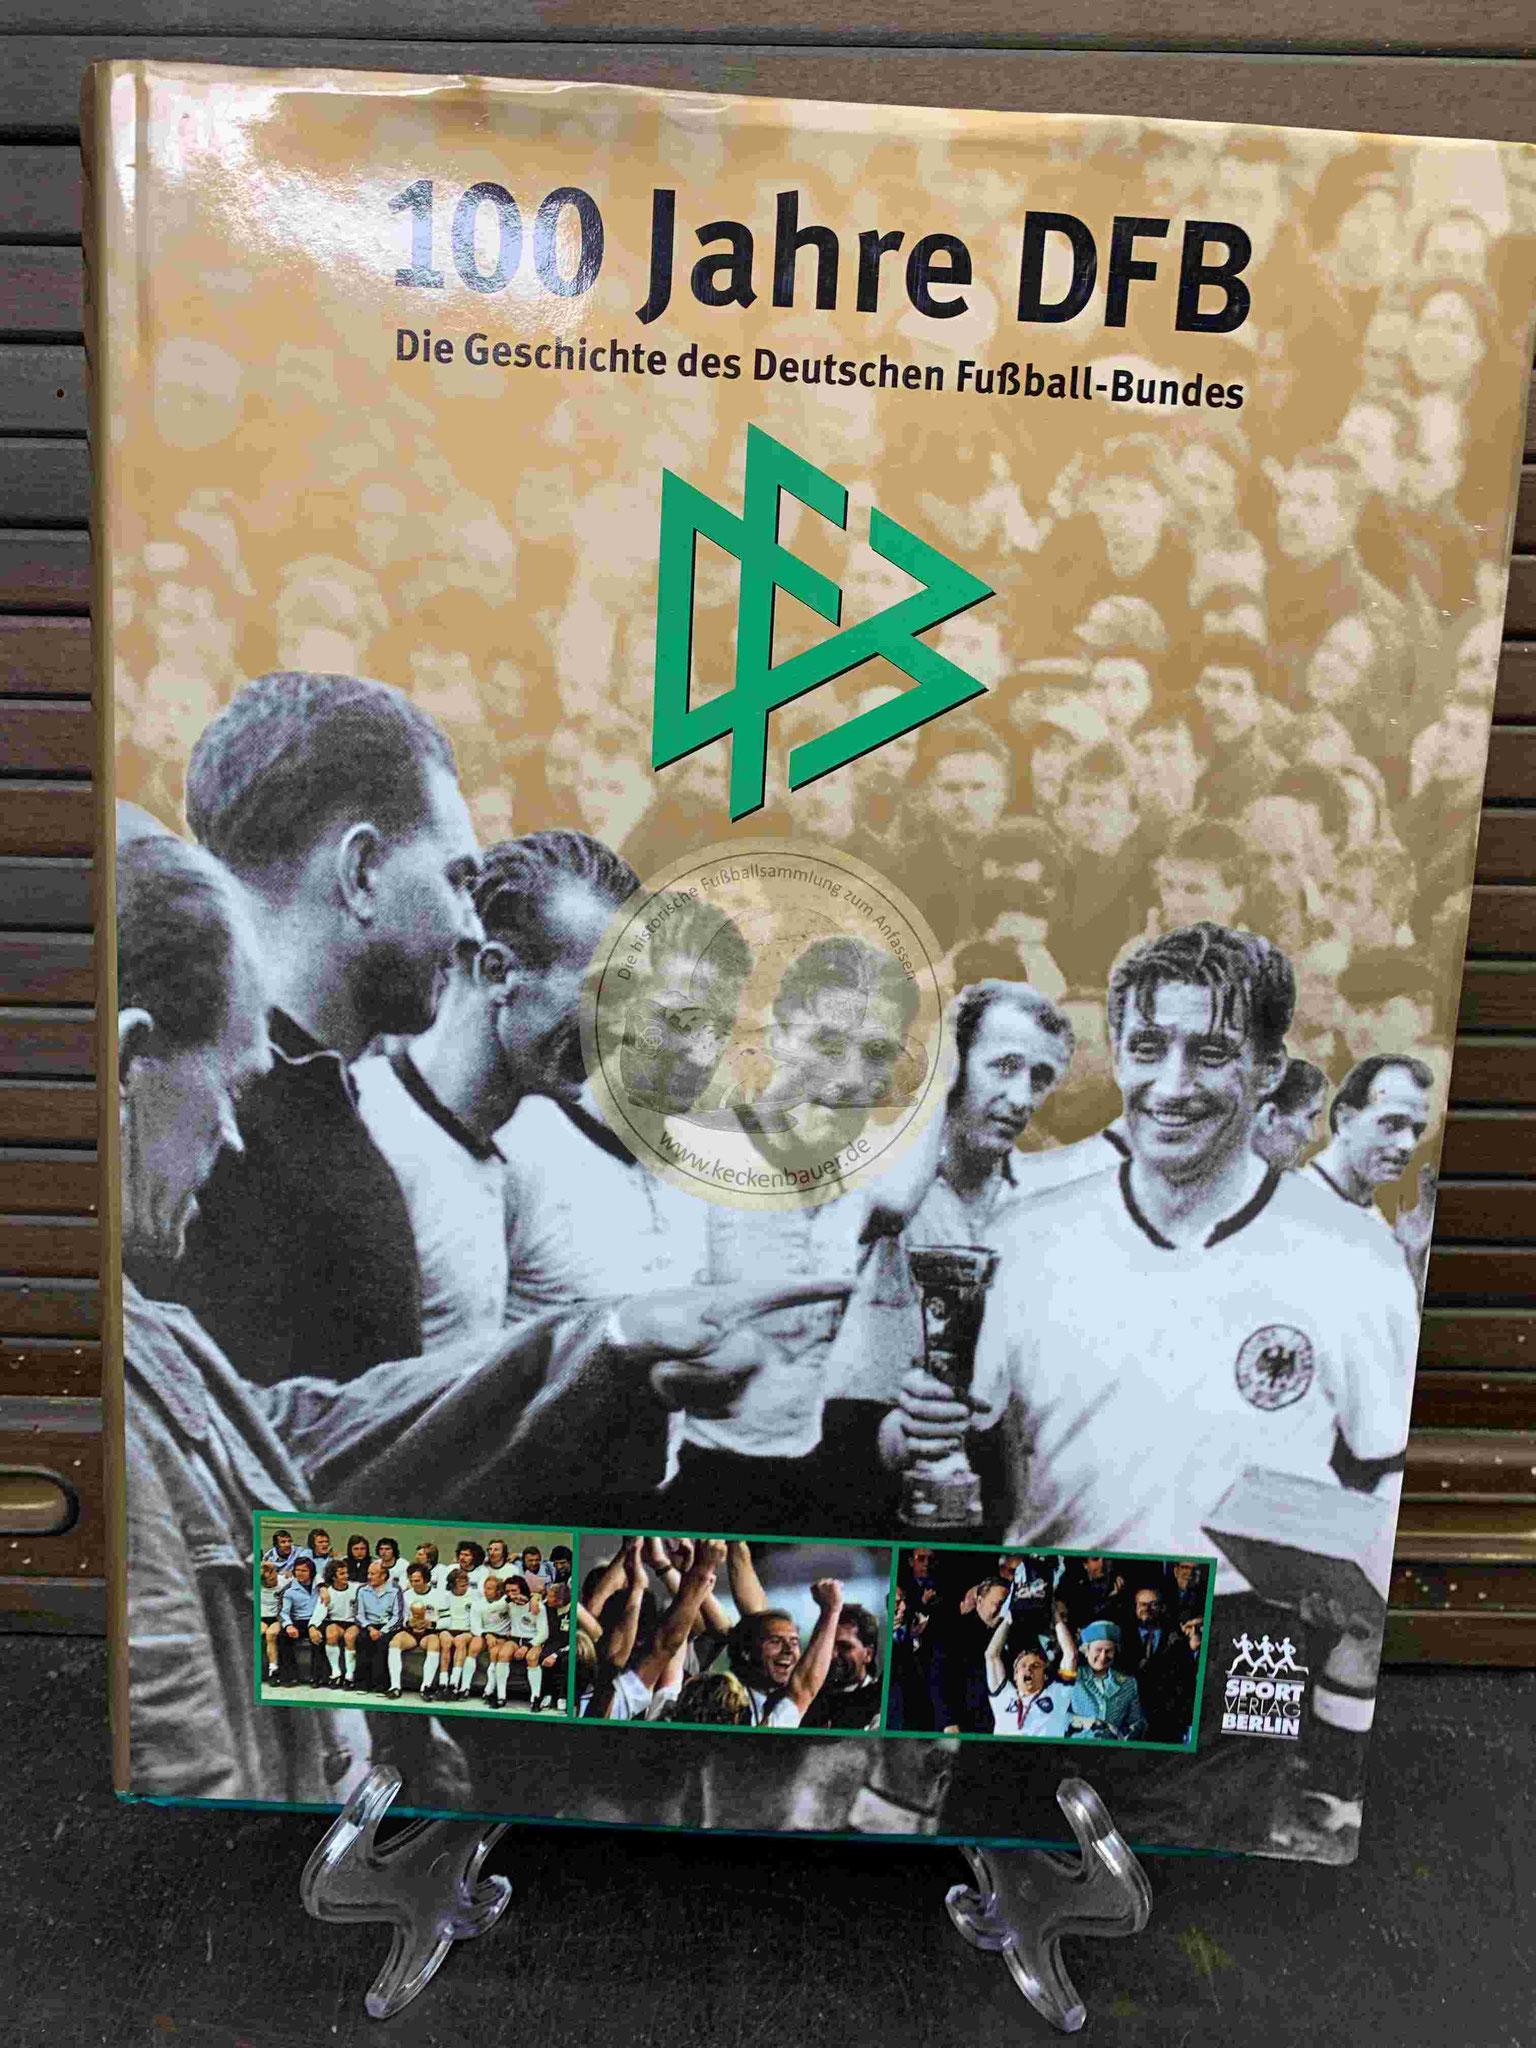 Gedenkschrift - 100 Jahre DFB - Die Geschichte des Deutschen Fußball-Bundes aus dem Jahr 1999